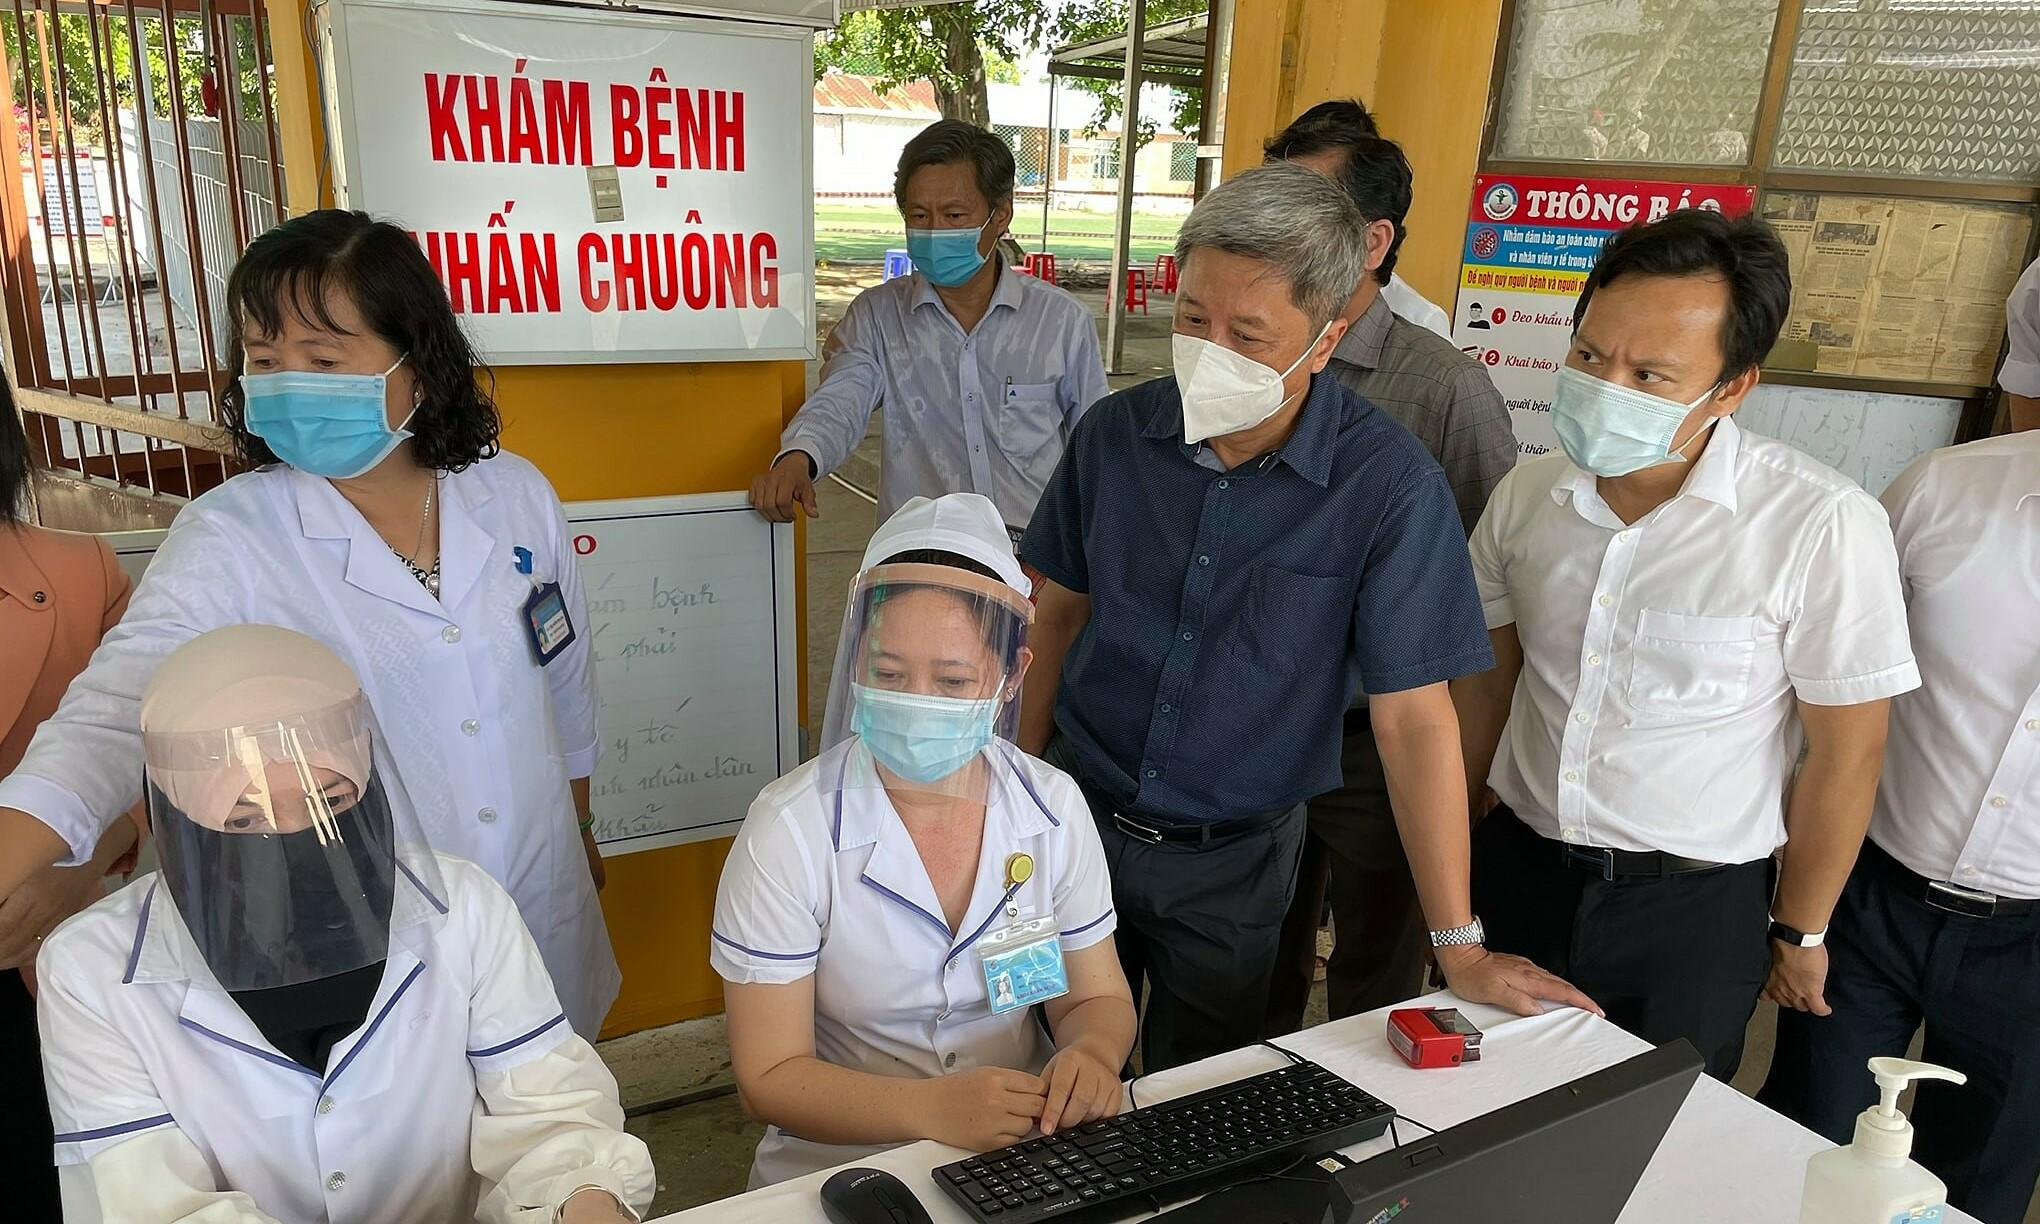 Thứ trưởng Sơn (áo đen) kiểm tra công tác phòng chống dịch tại Trung tâm y tế huyện An Phú tỉnh An Giang. Ảnh: Tuấn Dũng.